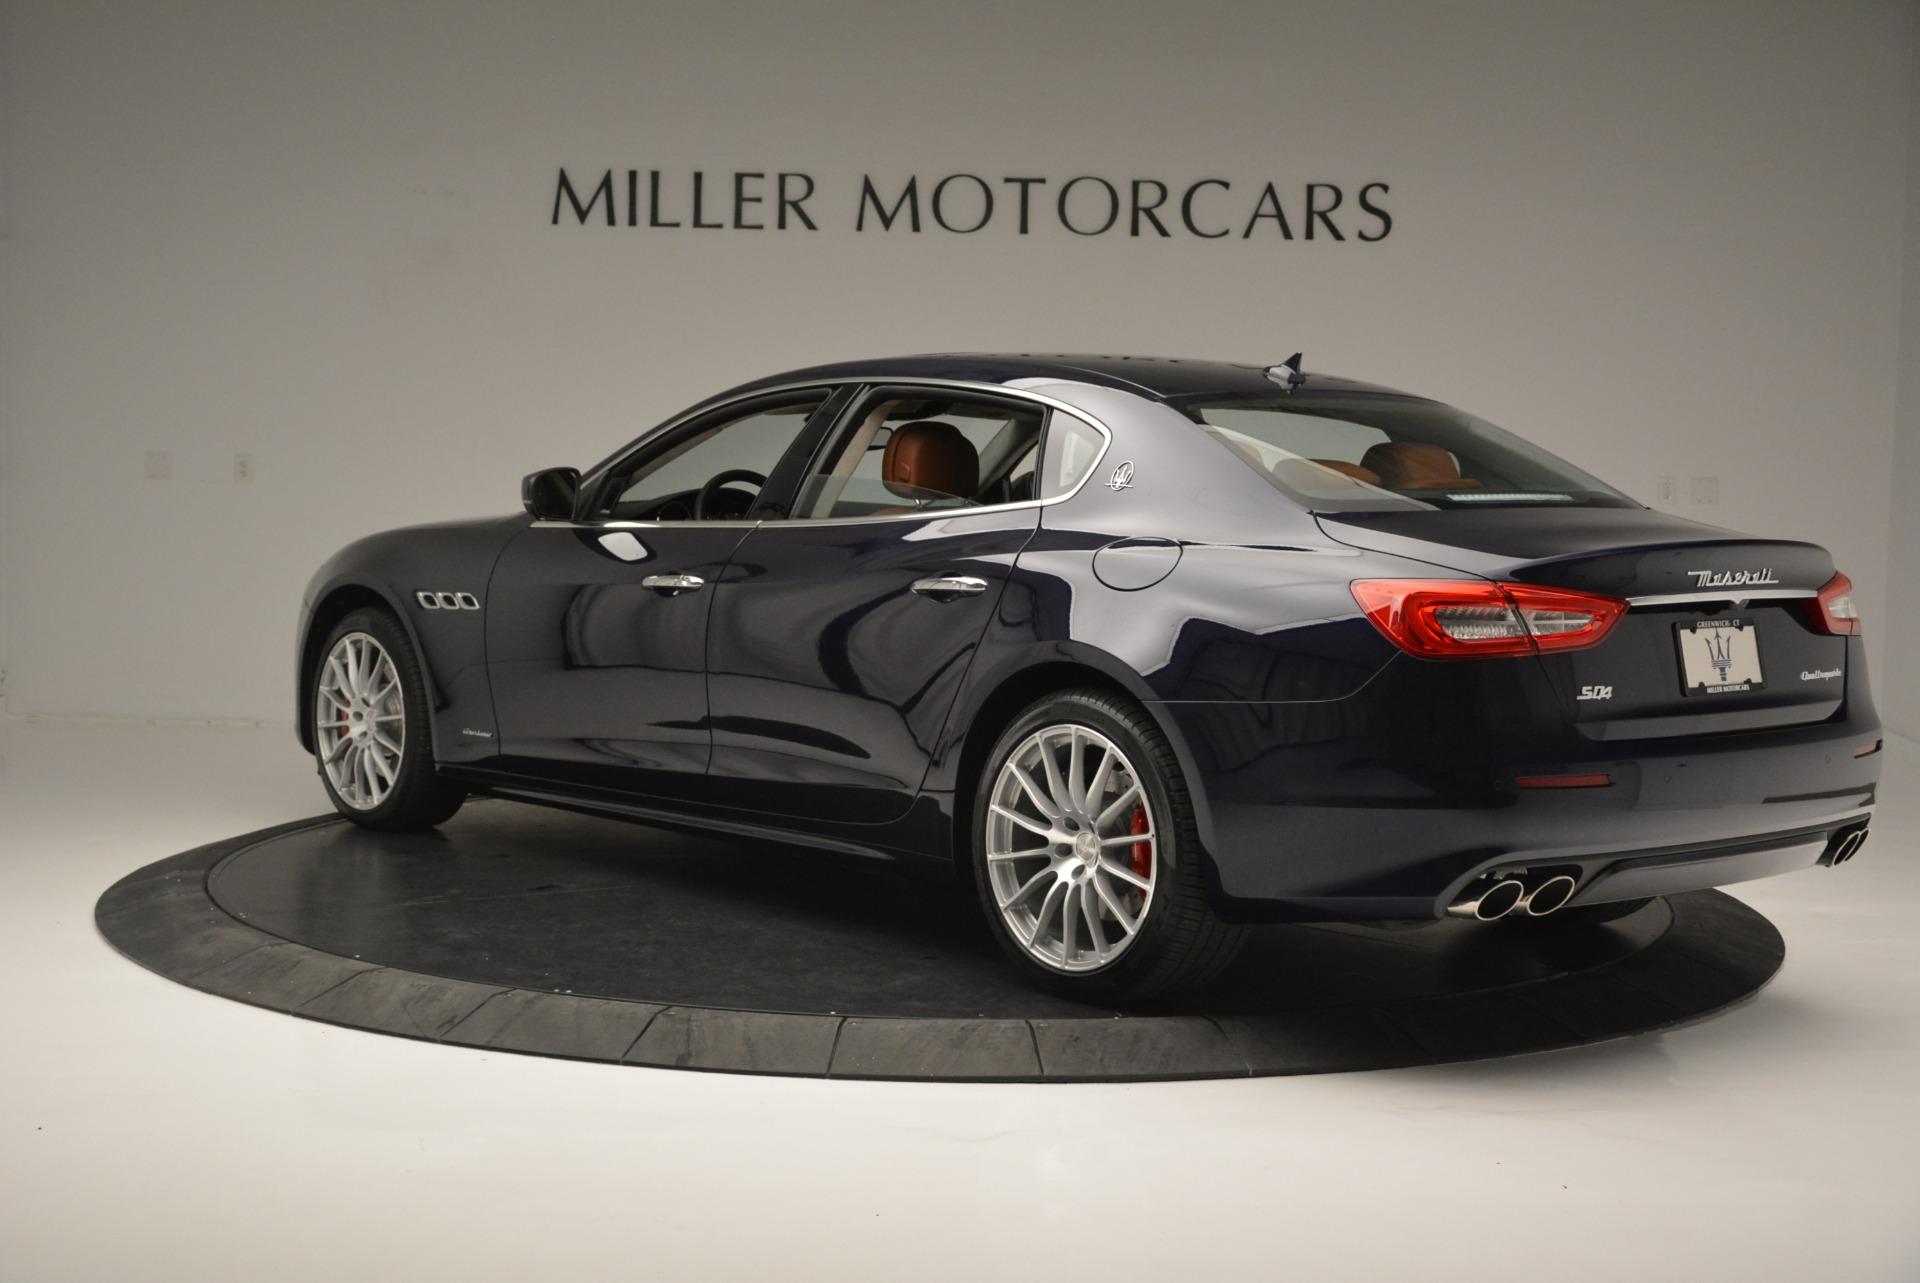 New 2018 Maserati Quattroporte S Q4 GranLusso For Sale In Greenwich, CT 1859_p5